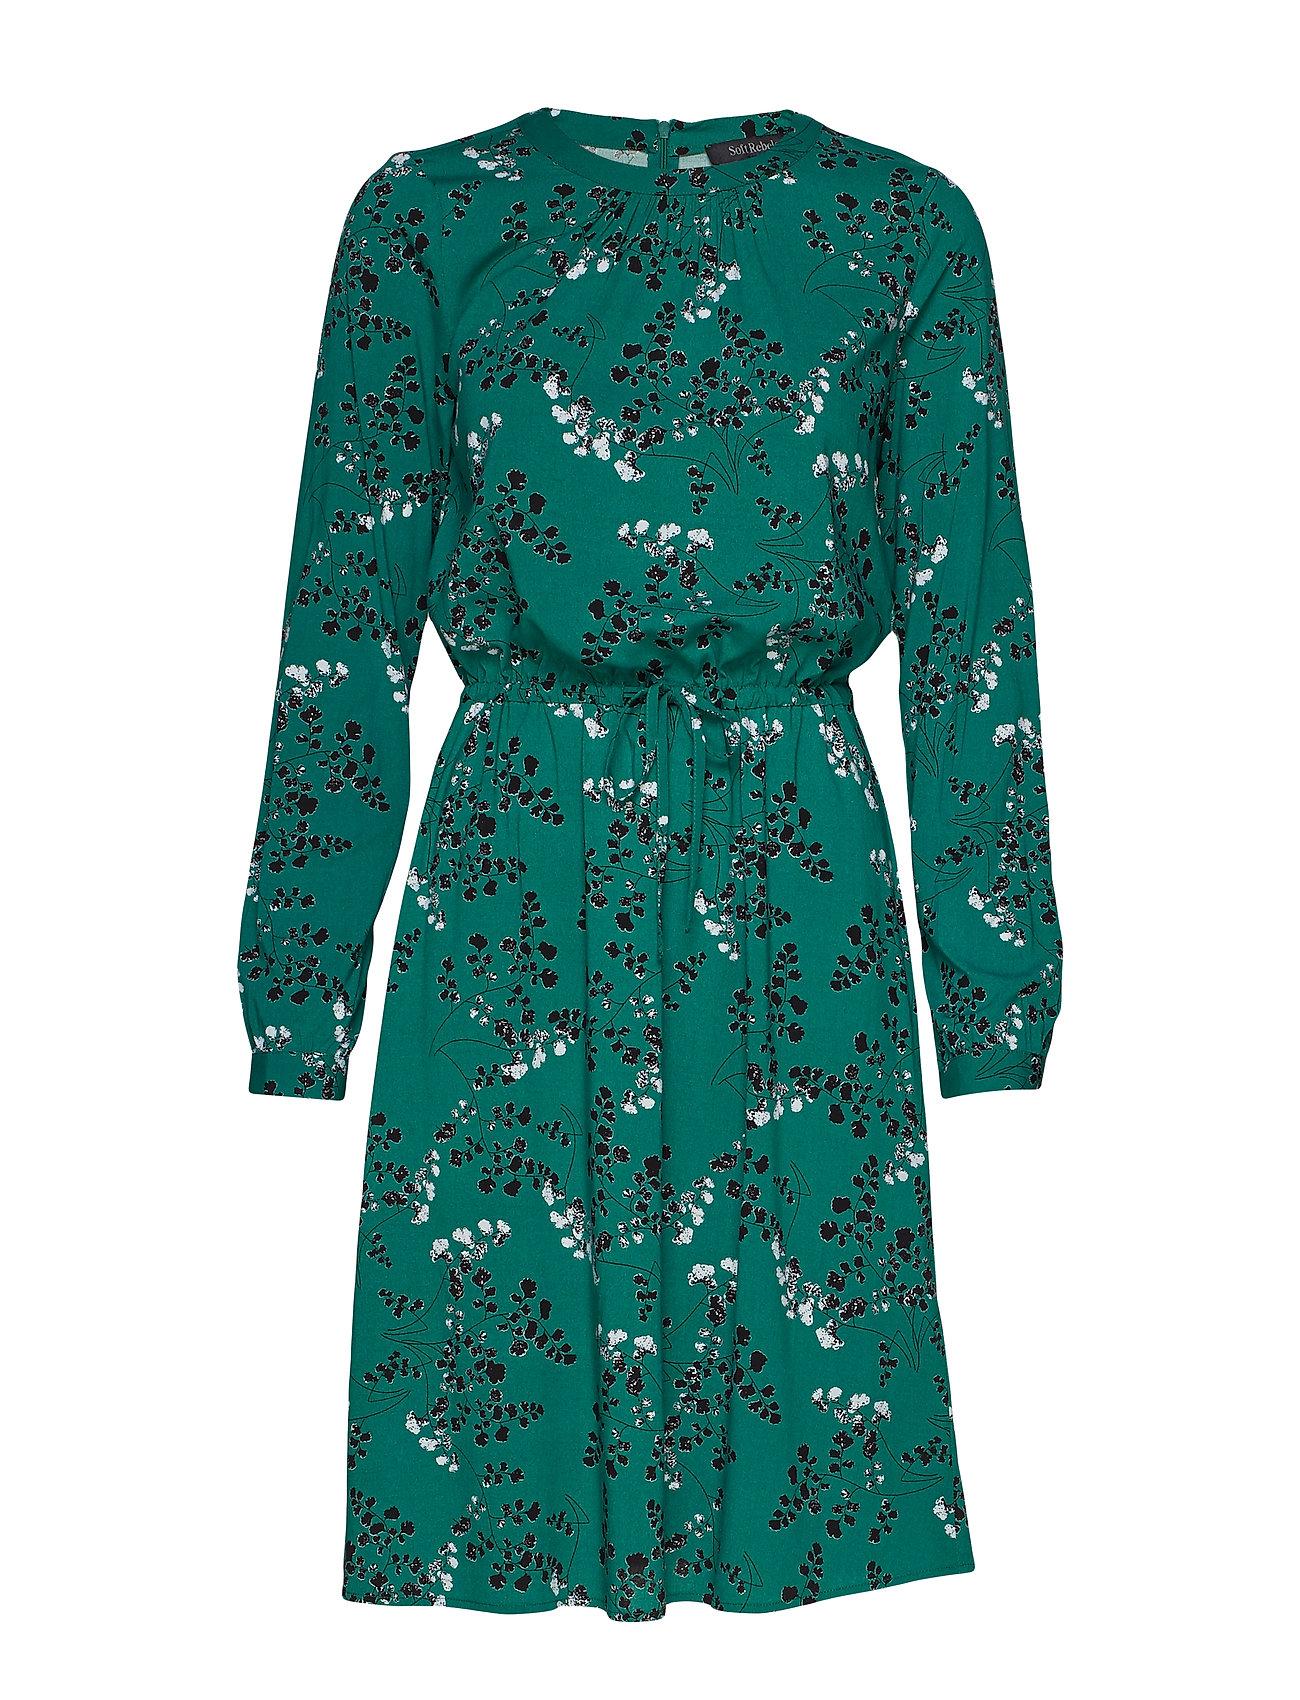 Soft Rebels Leaf LS Dress - EVERGREEN